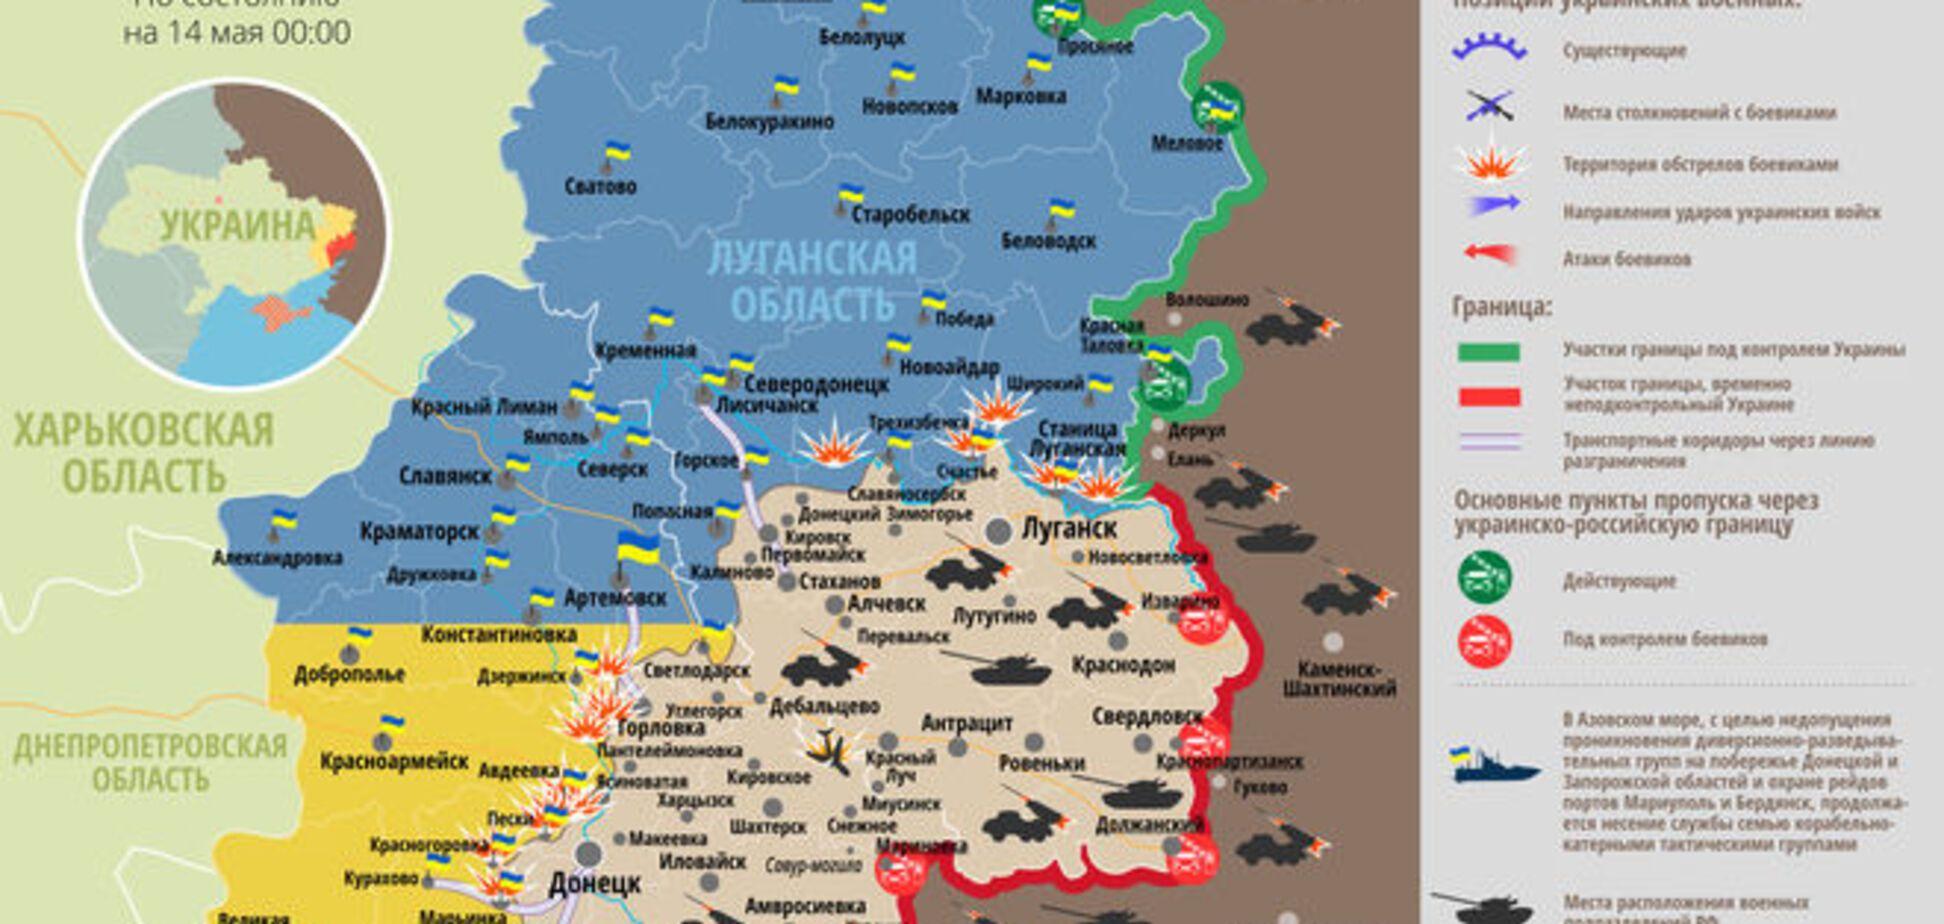 Терористи розпалюють бойові дії на Донбасі: мапа АТО